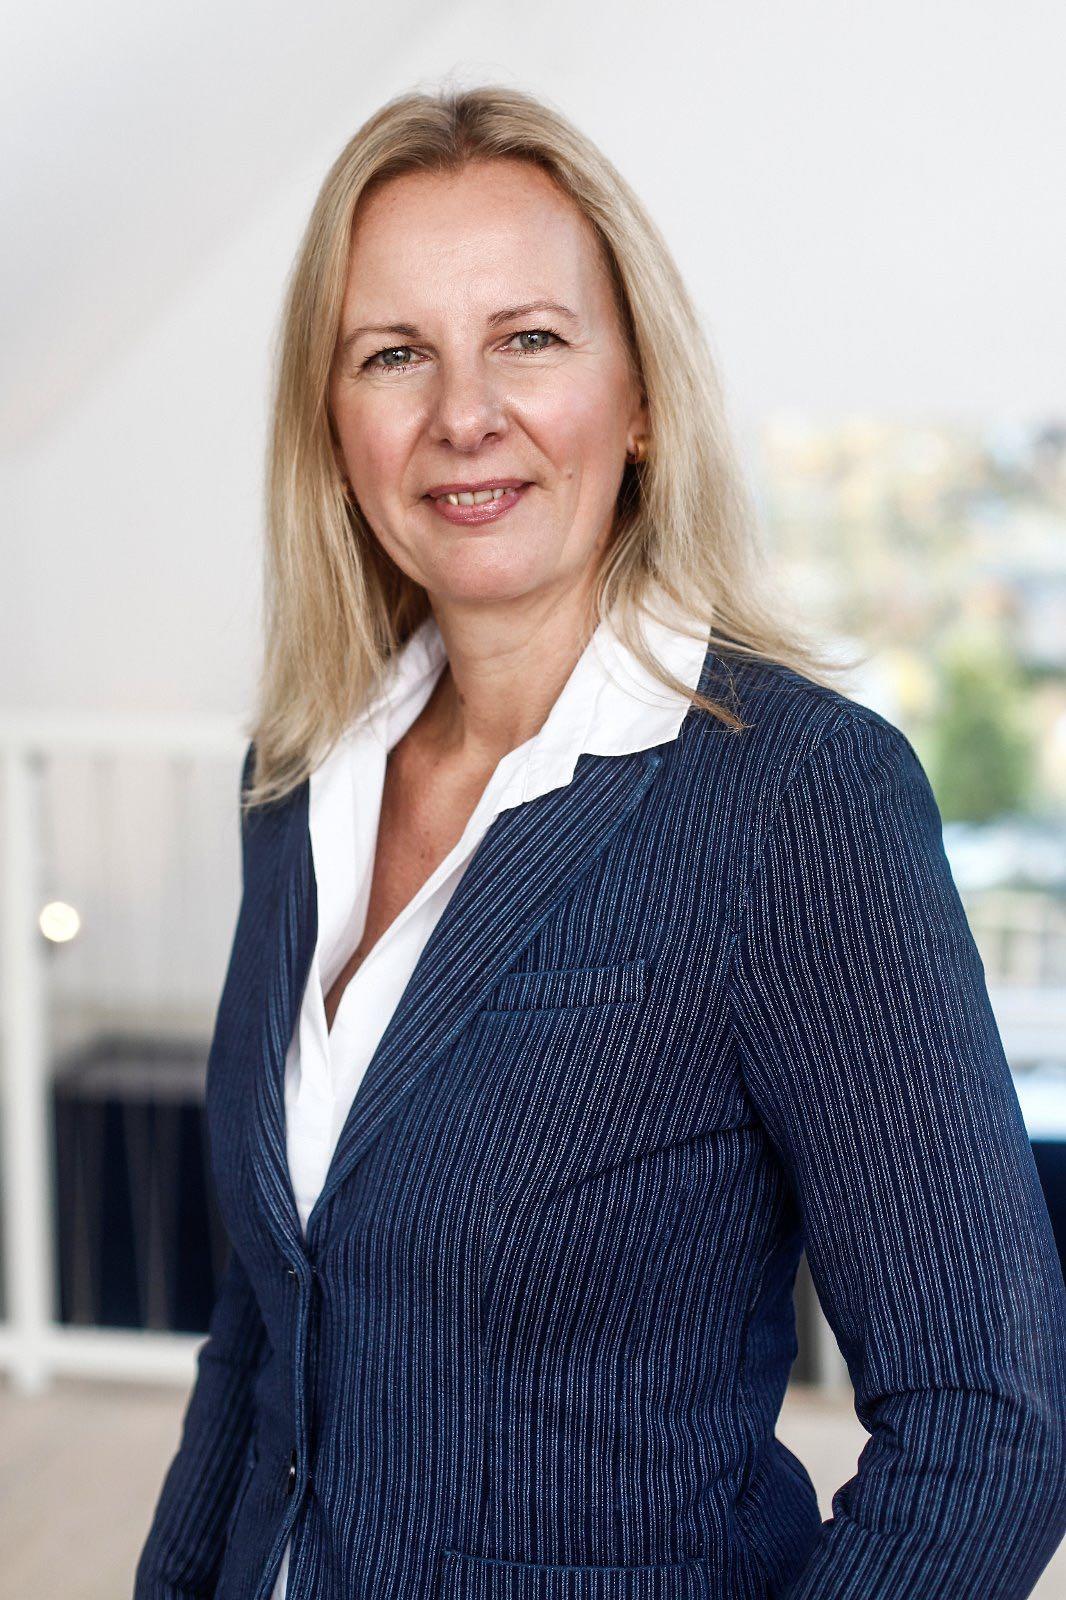 Janine Reuter